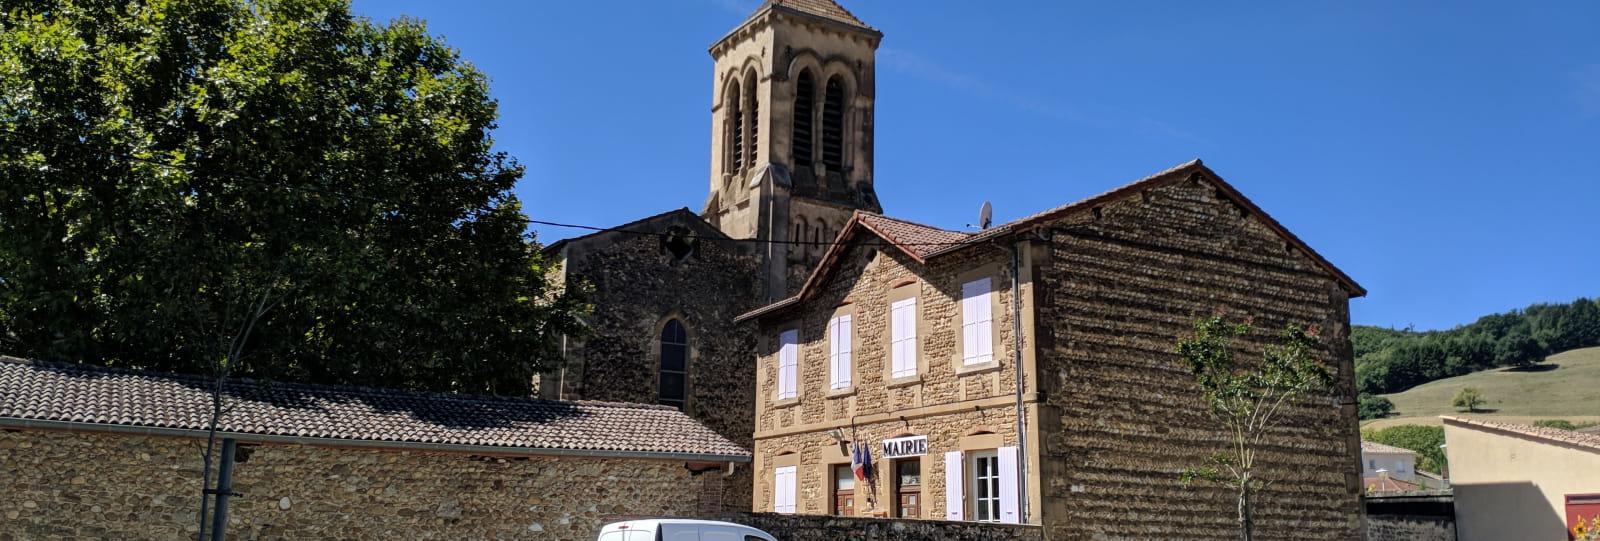 Village de Saint-Michel-sur-Savasse